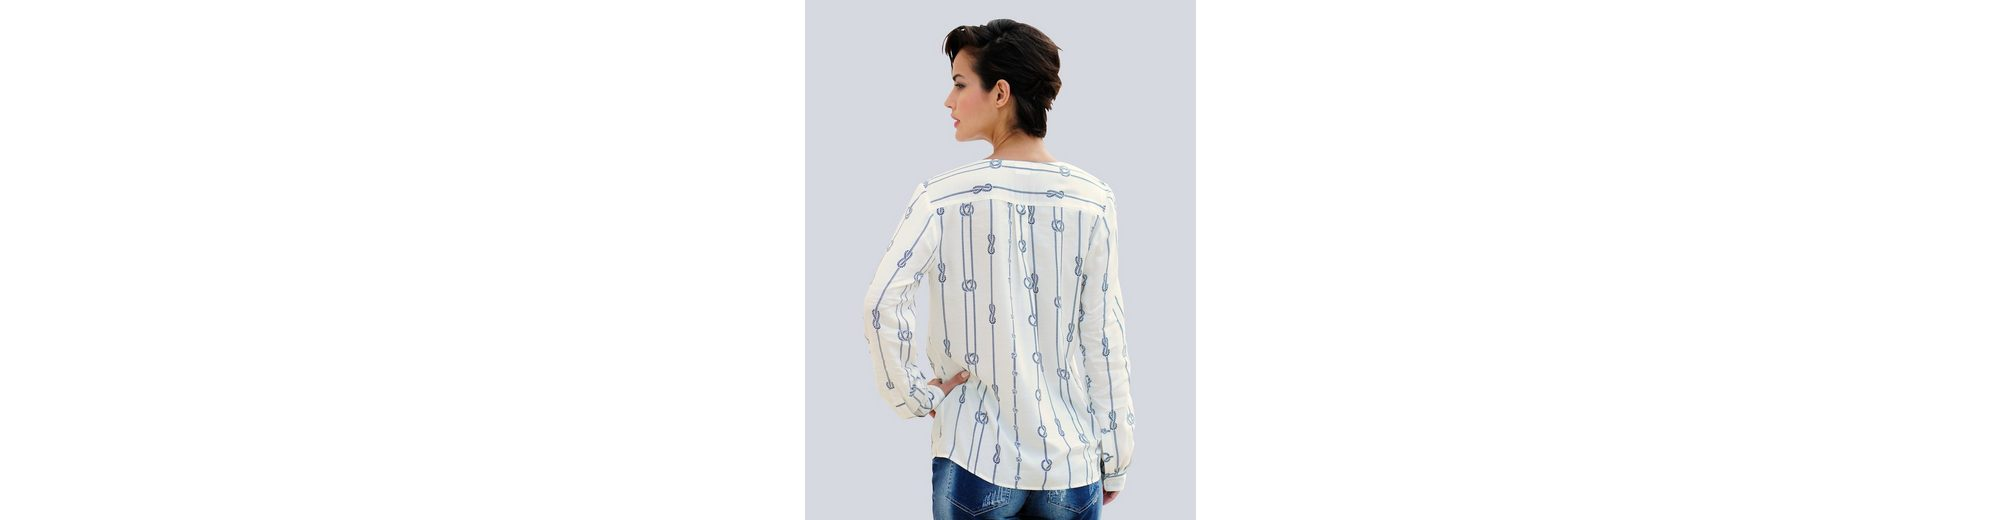 Viele Arten Von Heißen Verkauf Online-Verkauf Alba Moda Tunikabluse mit maritimem Druck seIE3FV